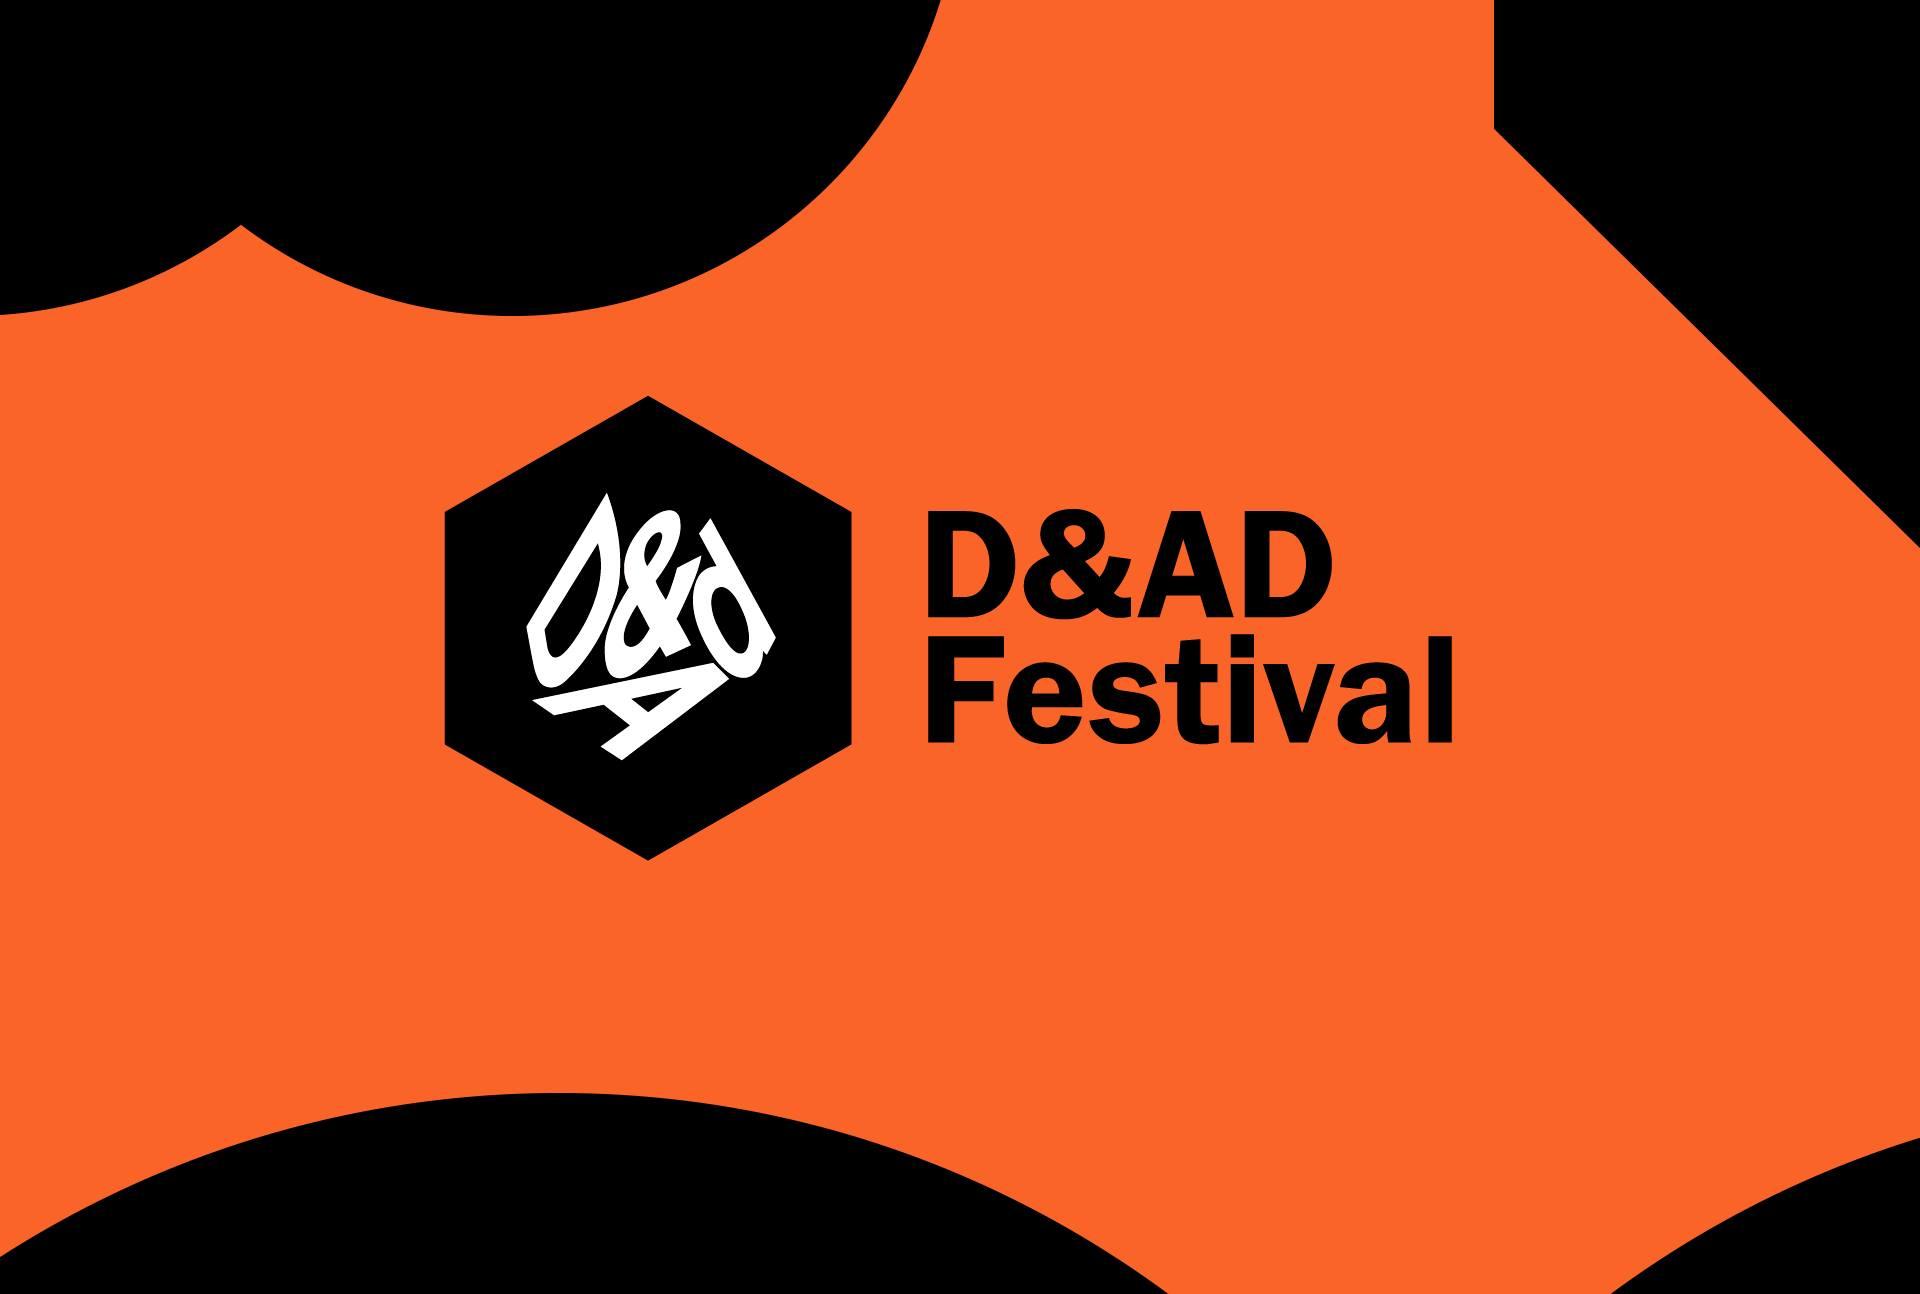 D&AD reveals headline speakers for 2019 Festival